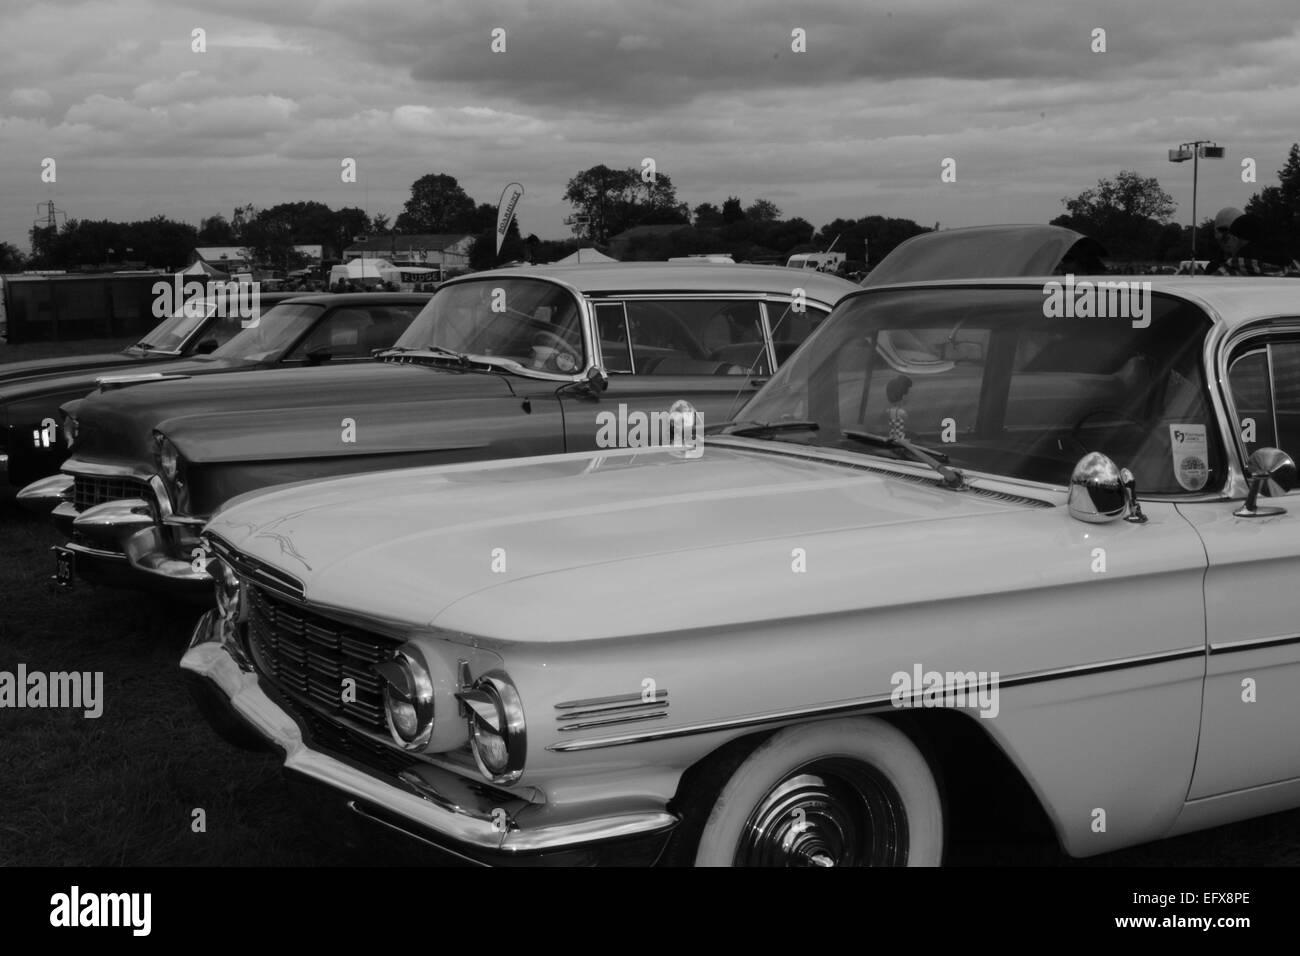 4 Viejos los coches viejos, 4,en blanco y negro, vehículos